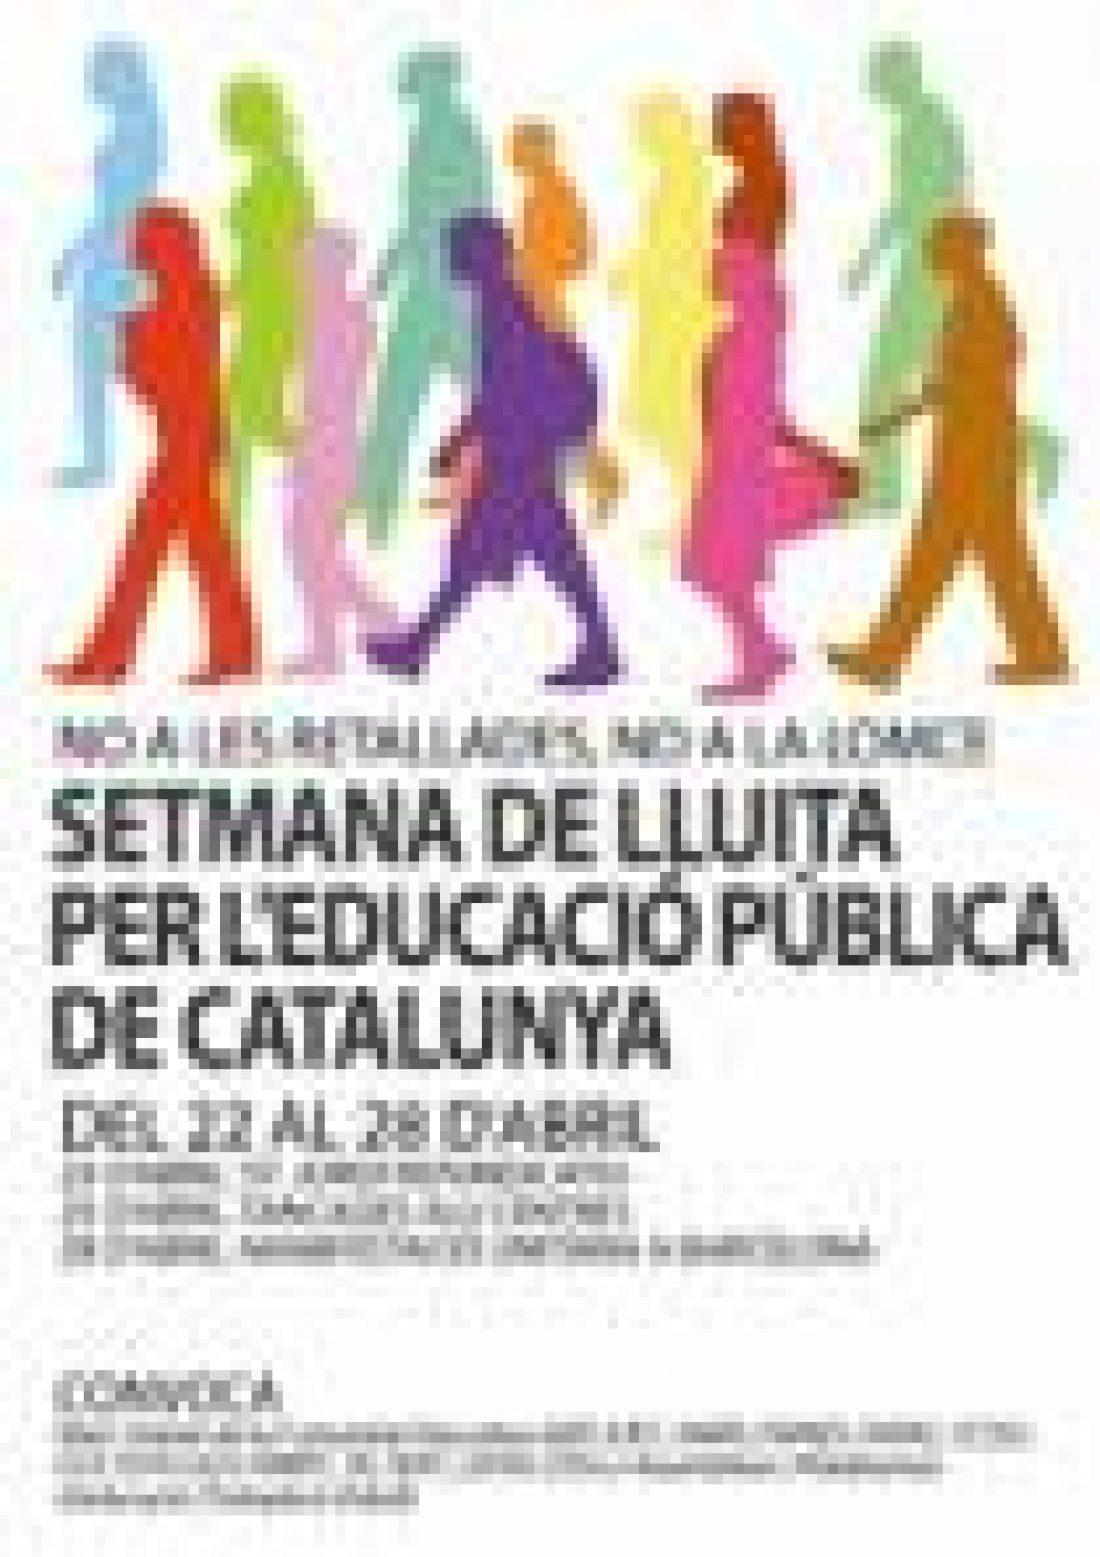 Semana de lucha por la Educación Pública de Catalunya del 22 al 28 de abril